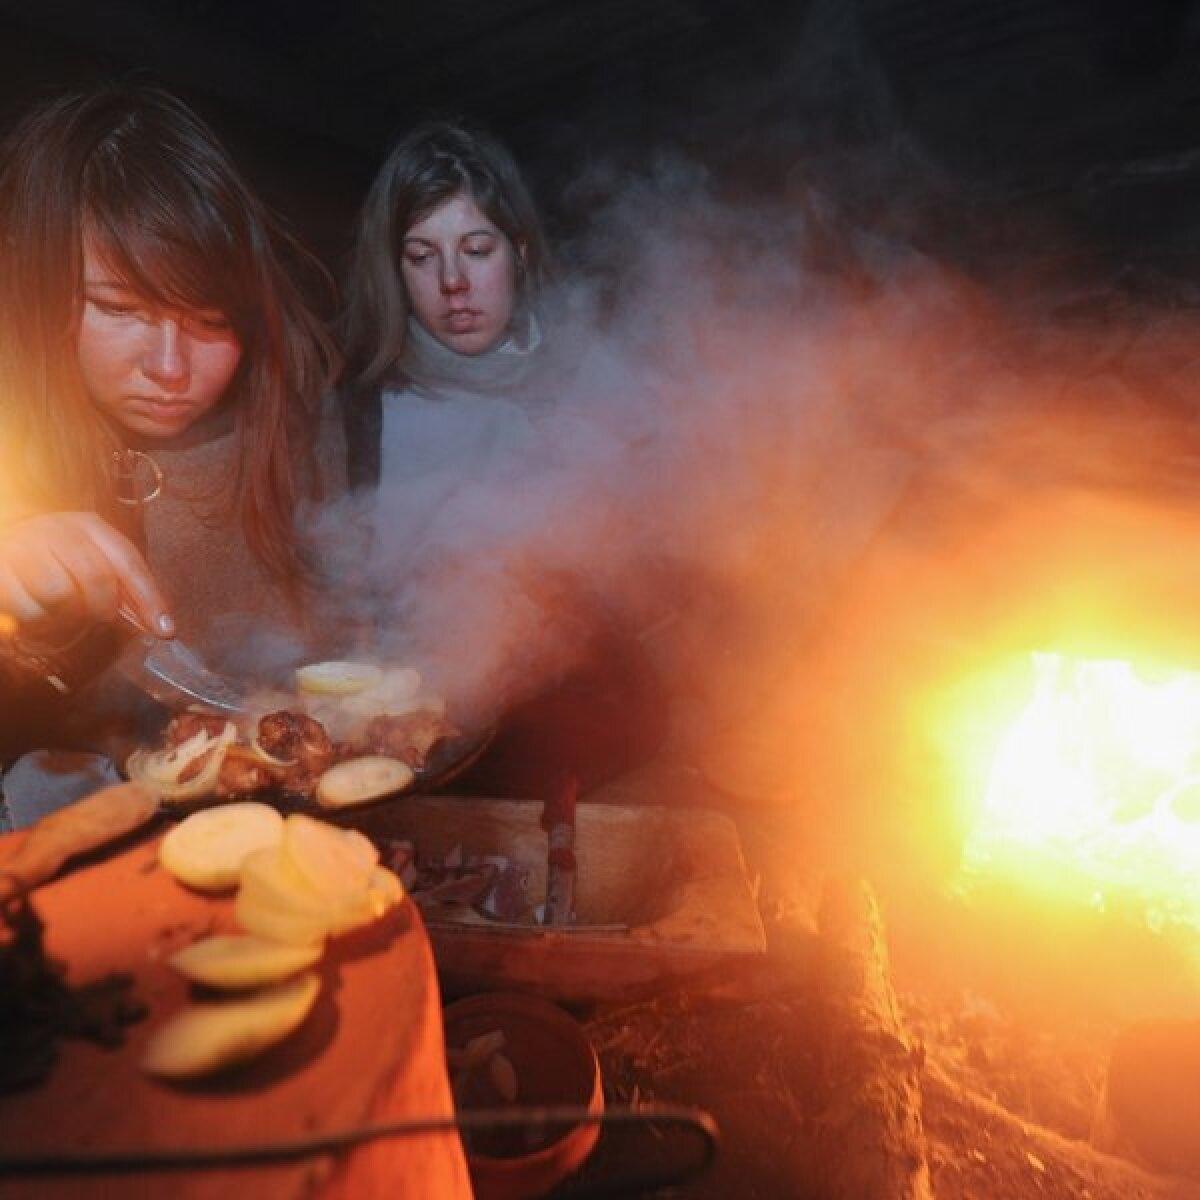 Maarja Lainevoog ja Kristin Otti on ametis õhtusöögi valmistamisega.Toidu tegemine on üks meeldivamaid tegevusi ja ajaviiteid muidu pimedas ja suitsuses toas.